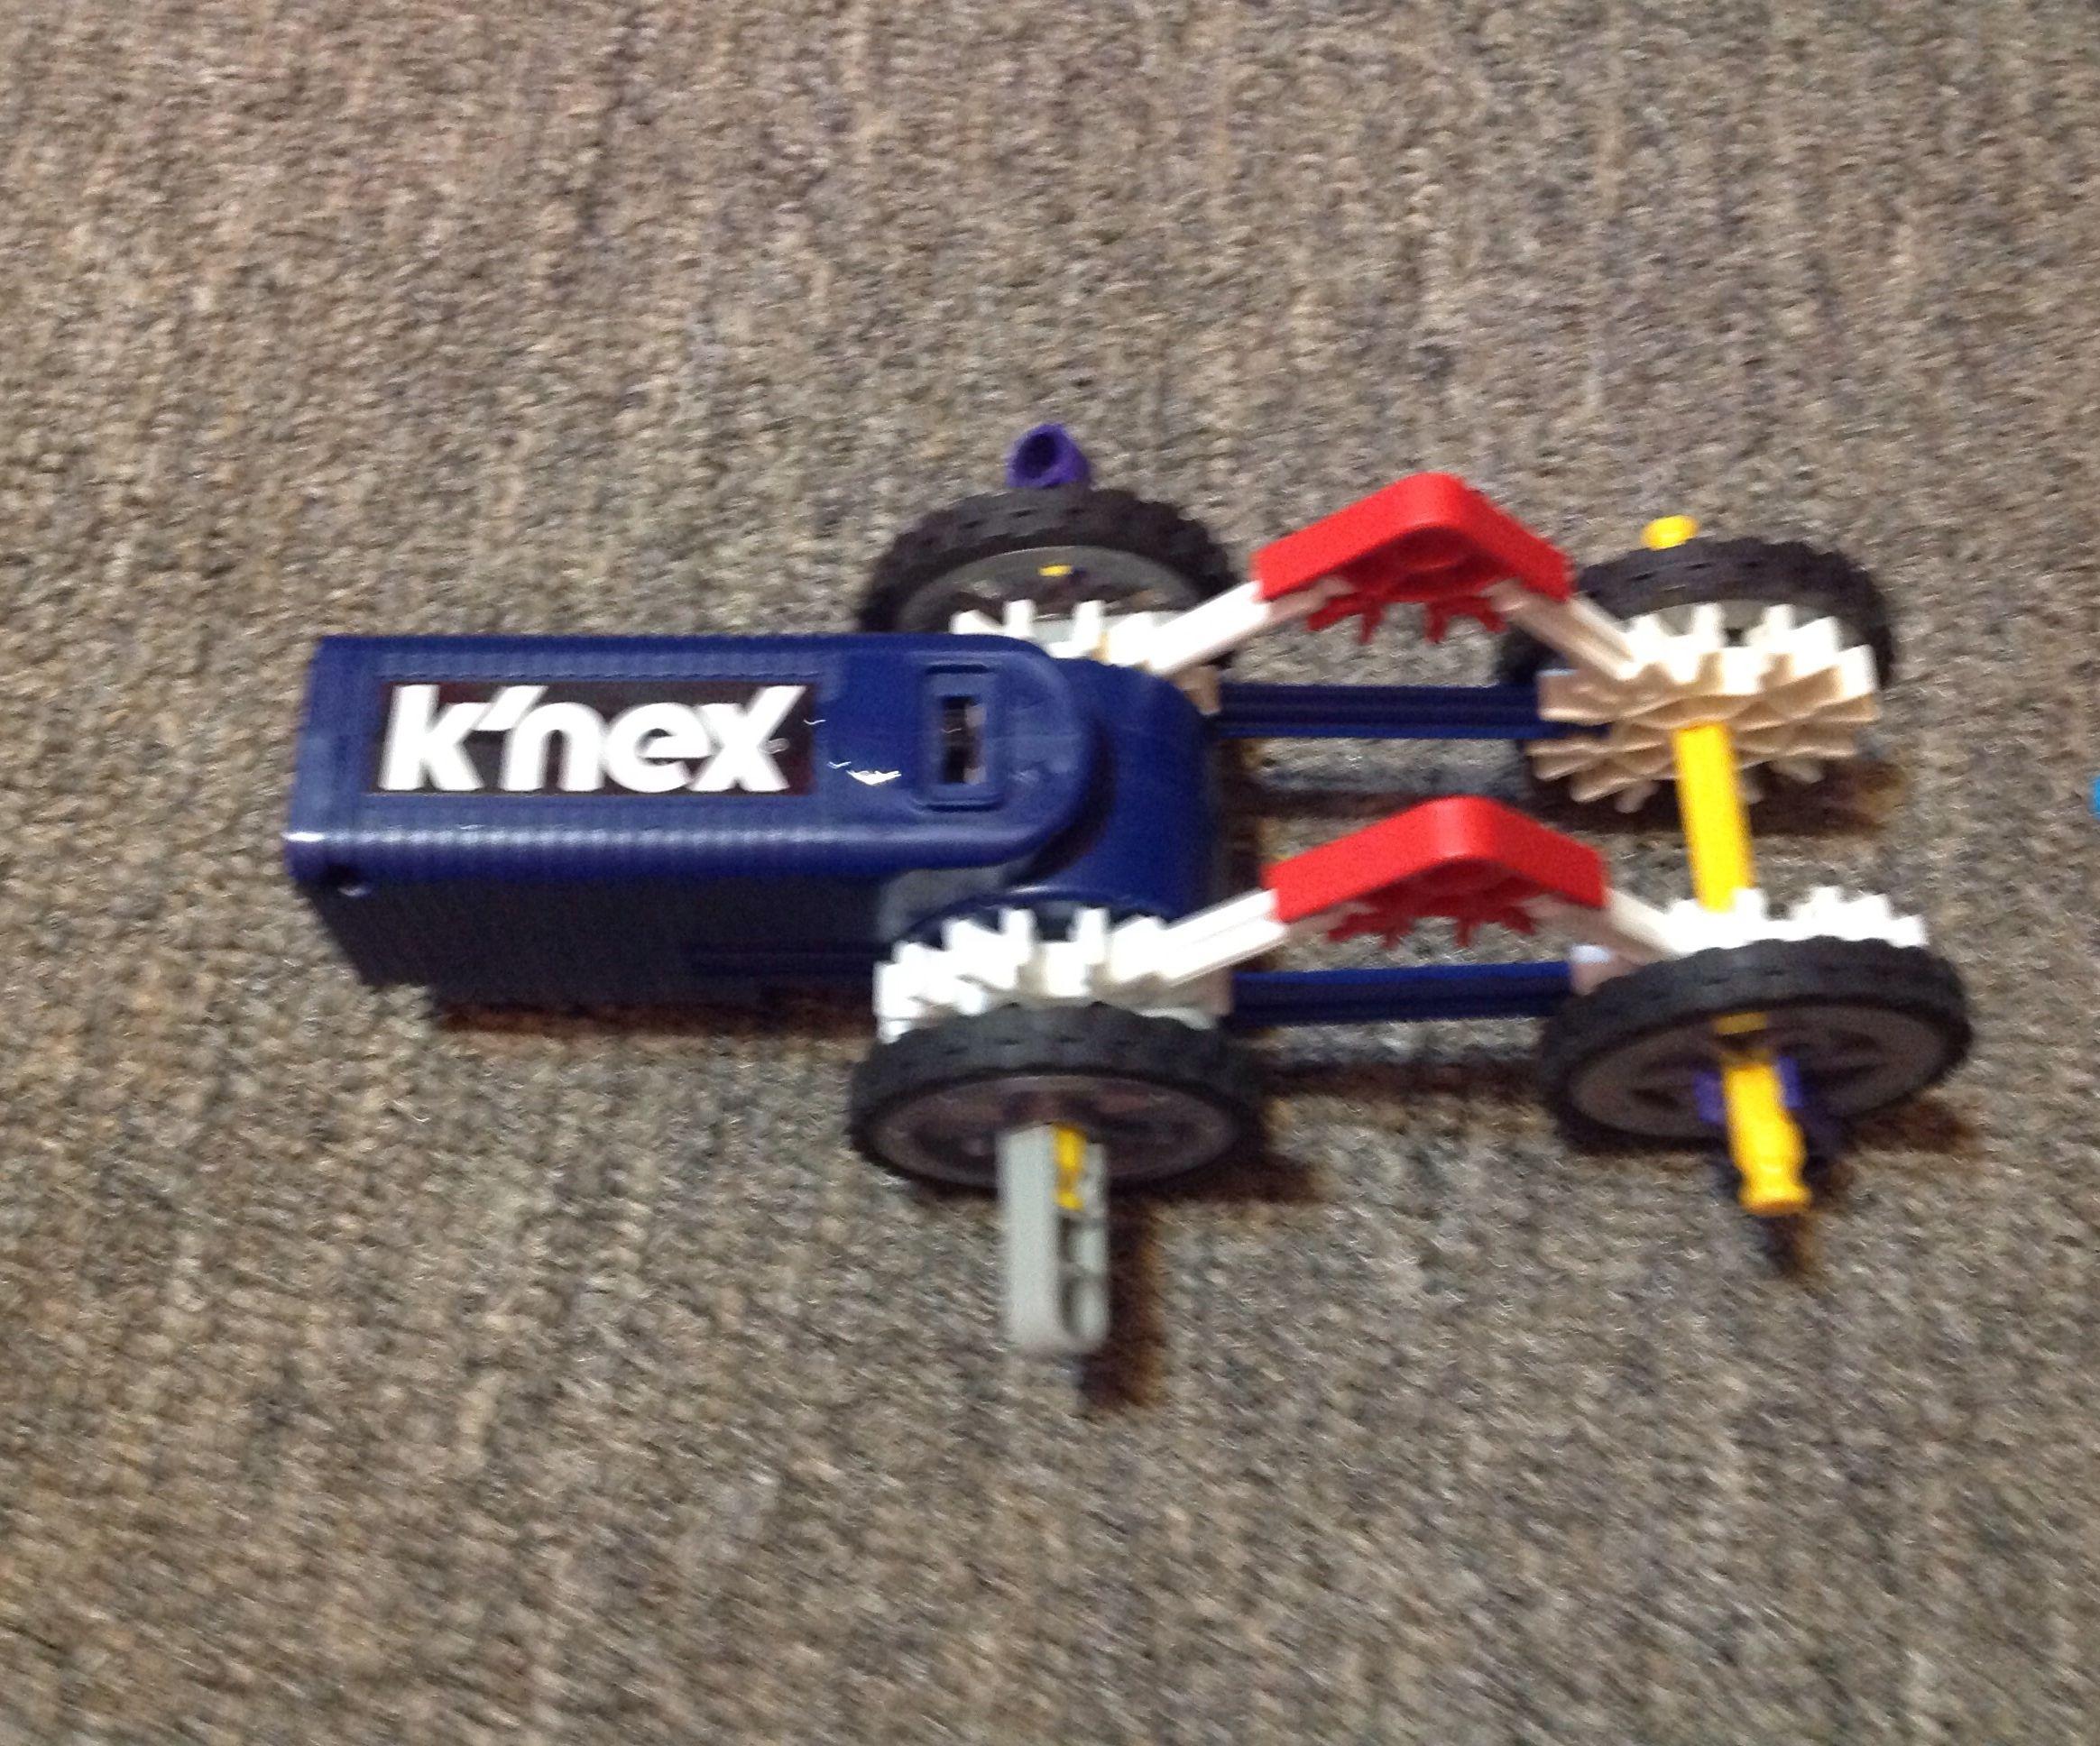 How to Make a Knex Car